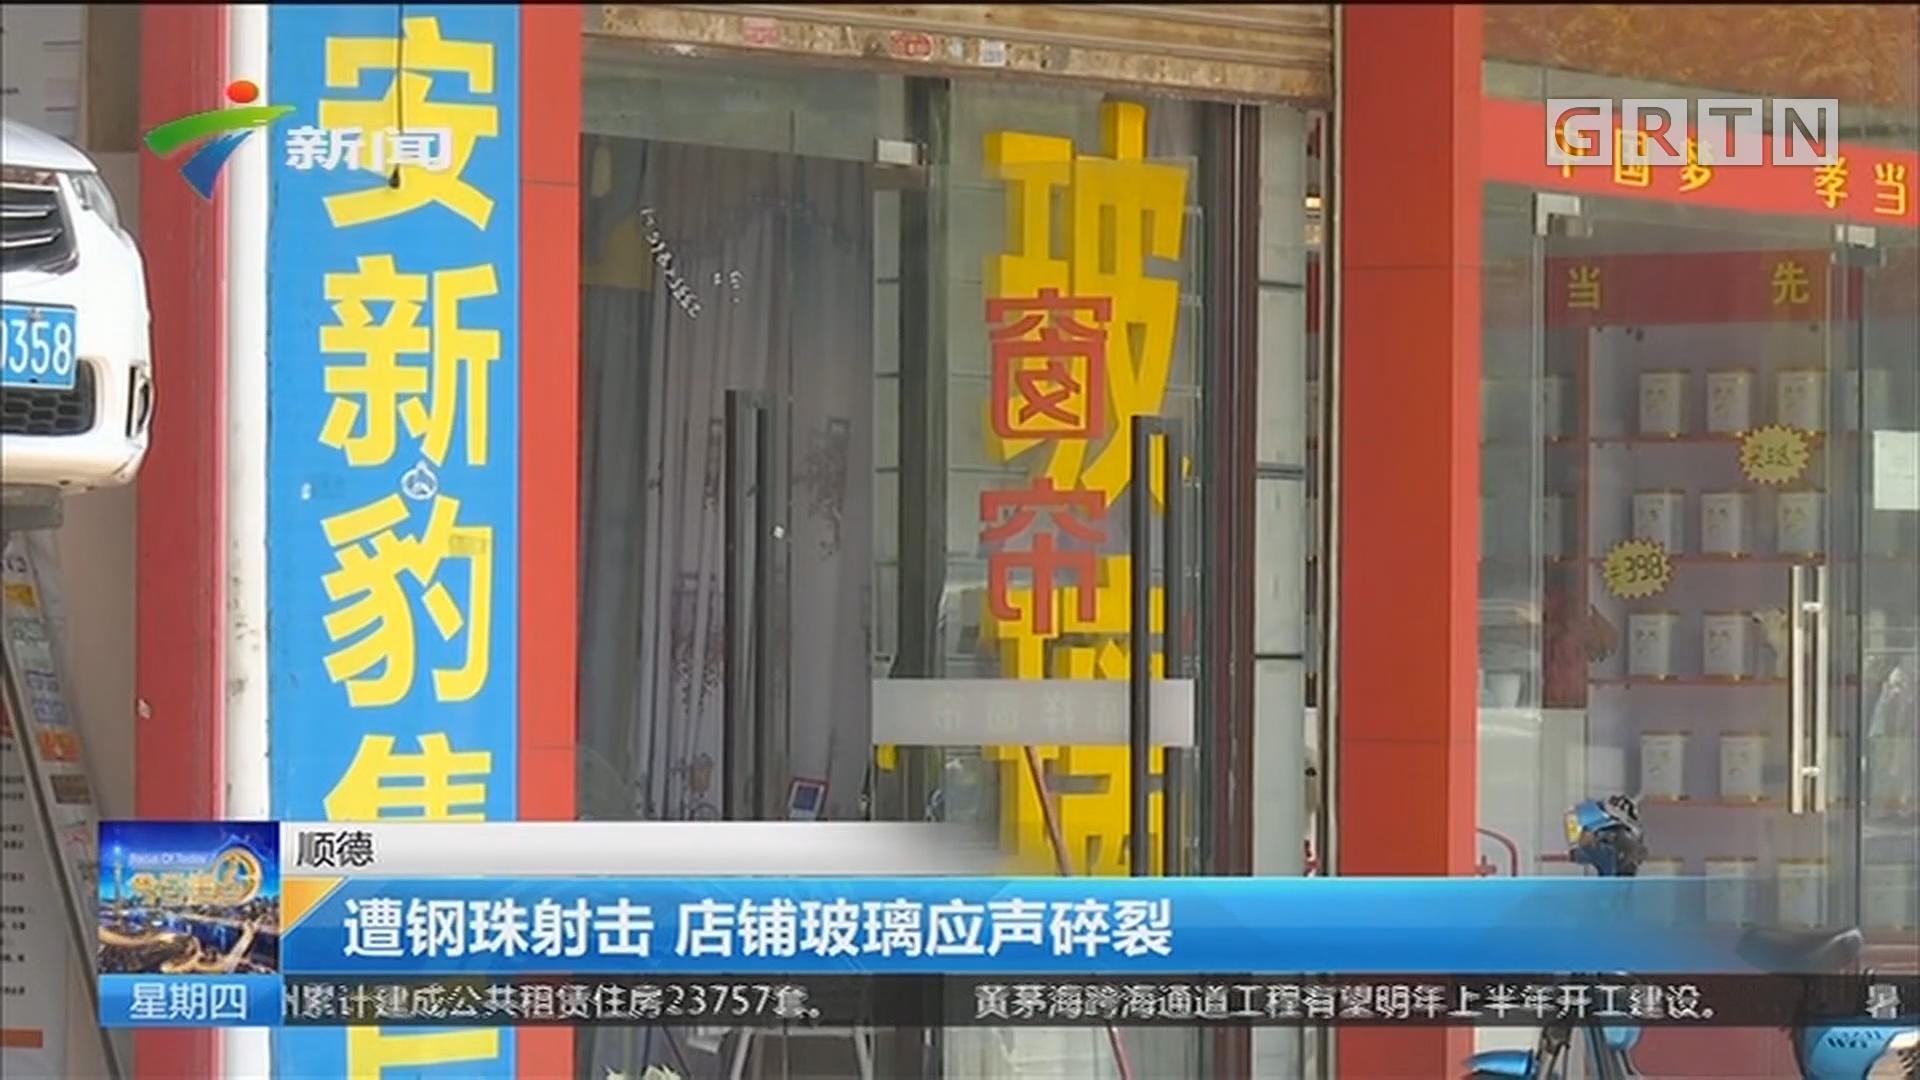 顺德:遭钢珠射击 店铺玻璃应声碎裂